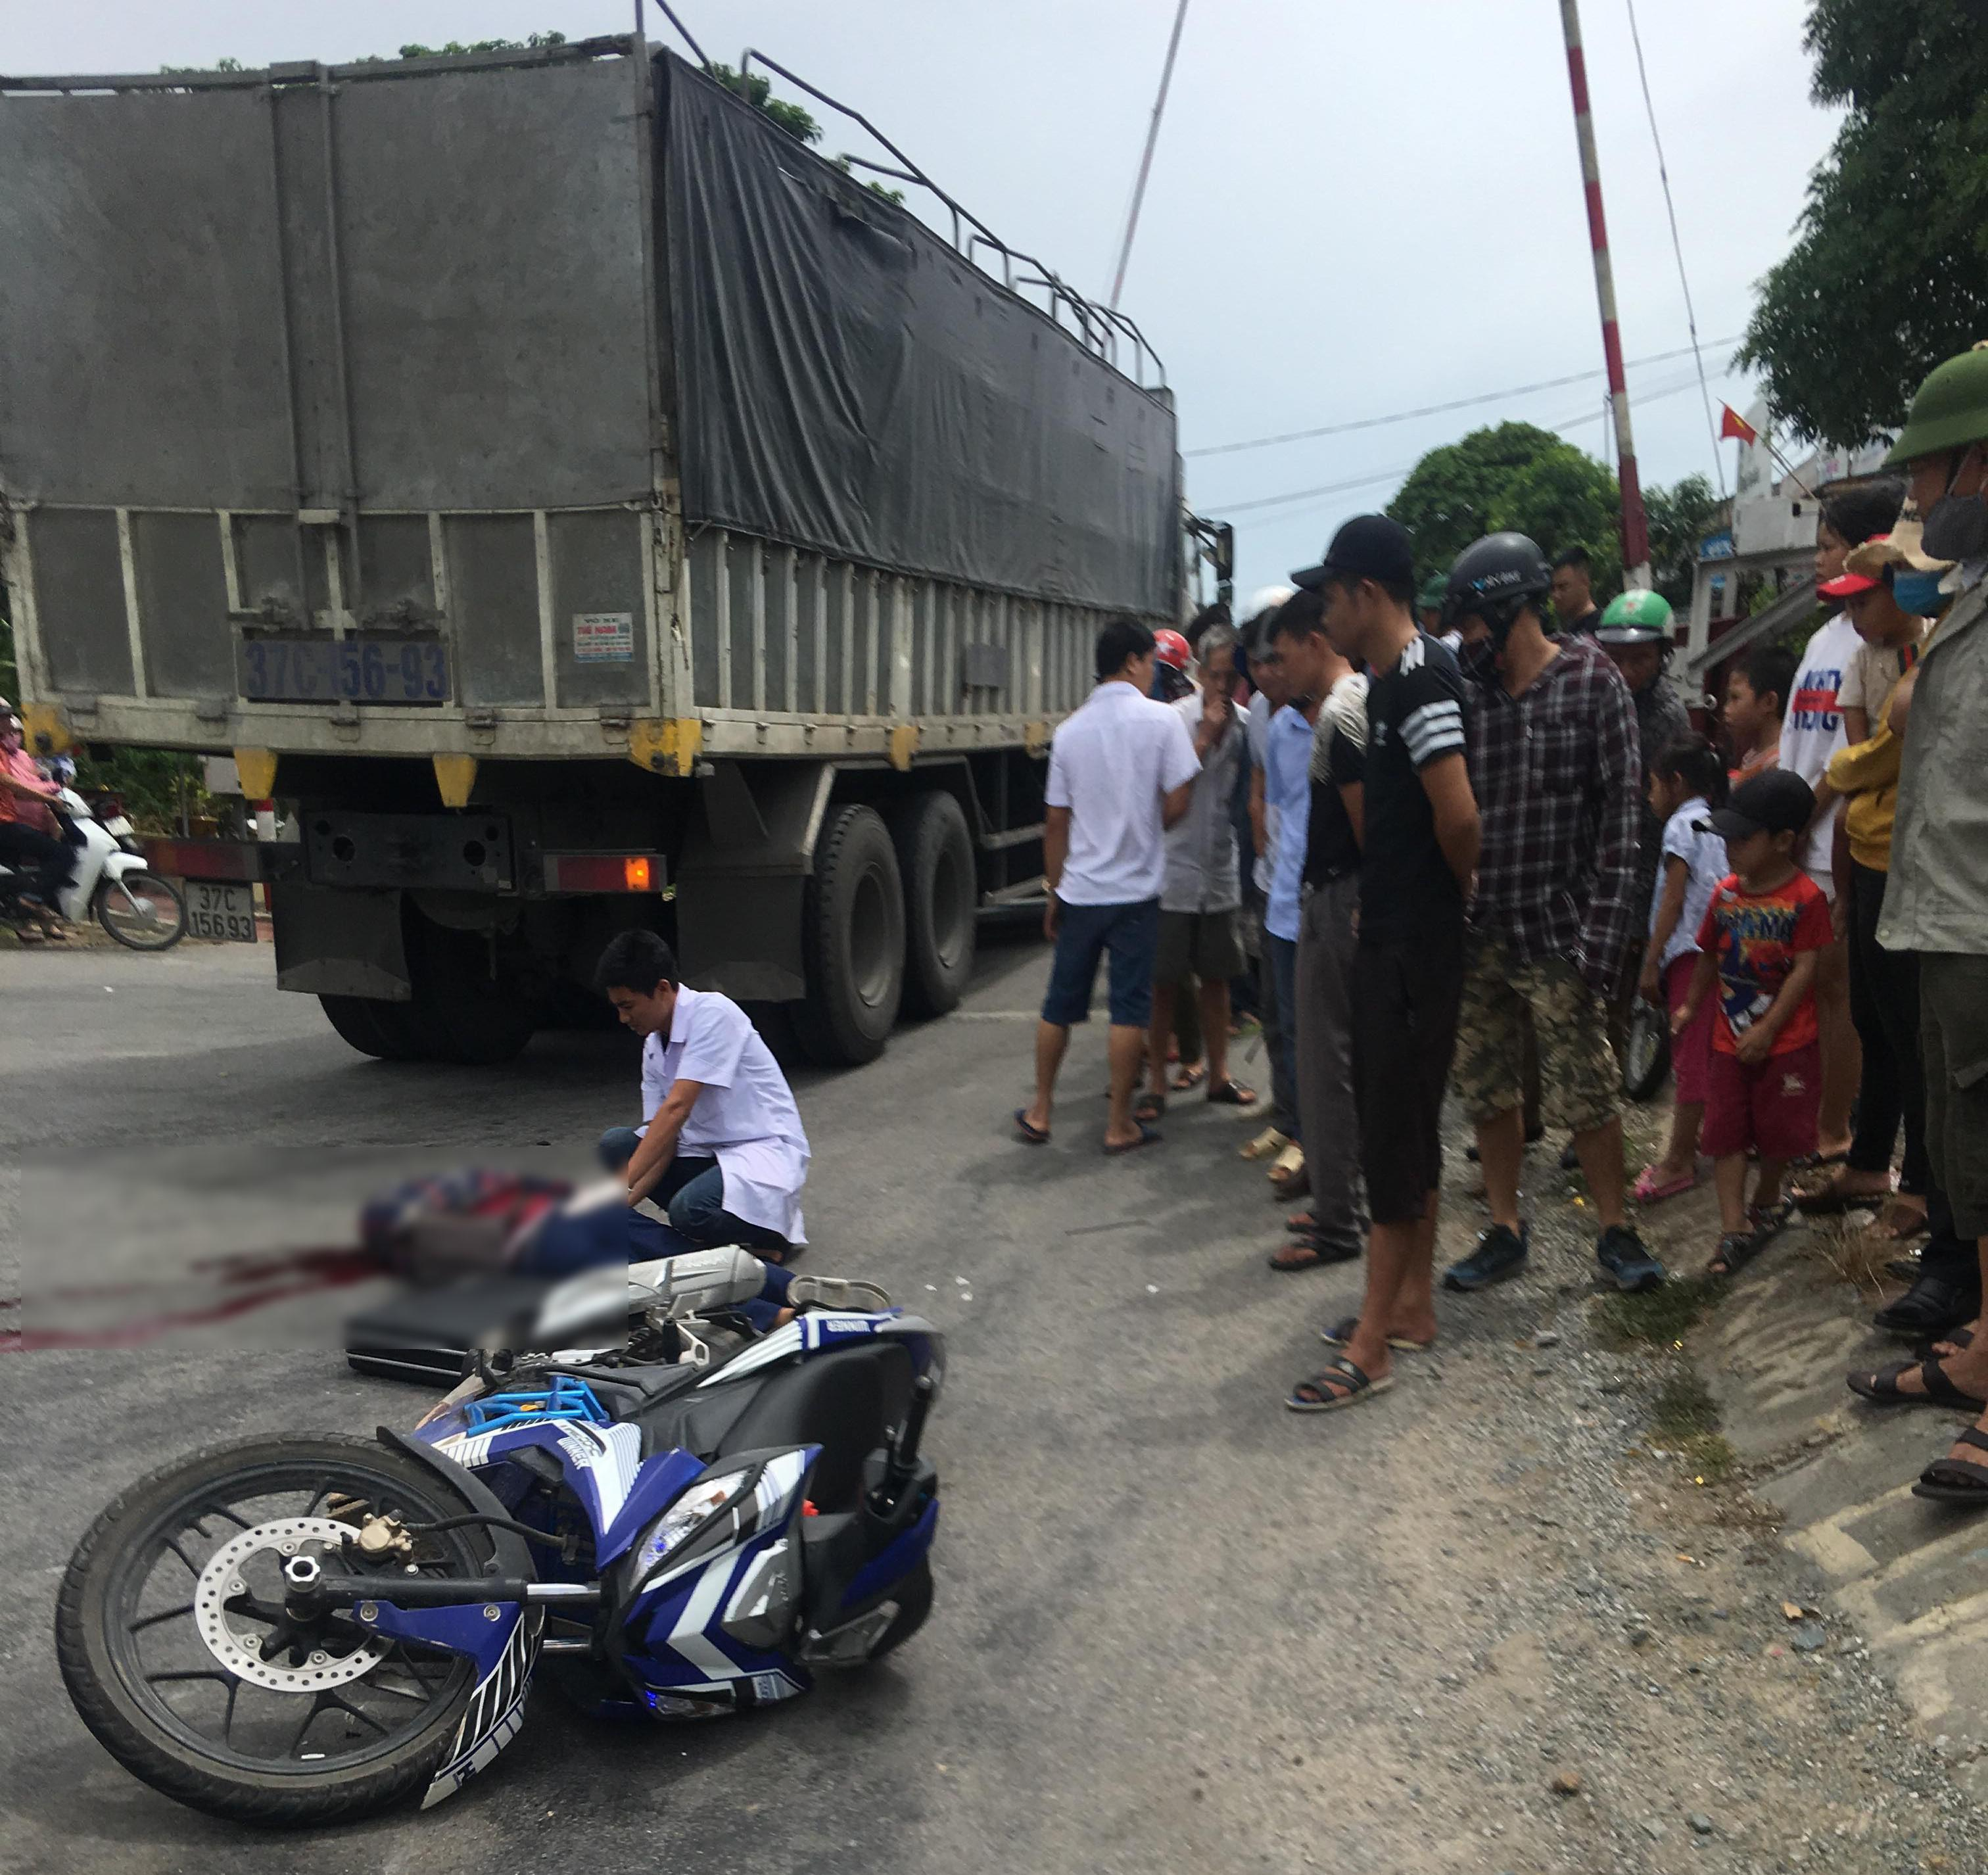 Xe máy va chạm với xe tải, một người tử vong tại chỗ Ảnh 1